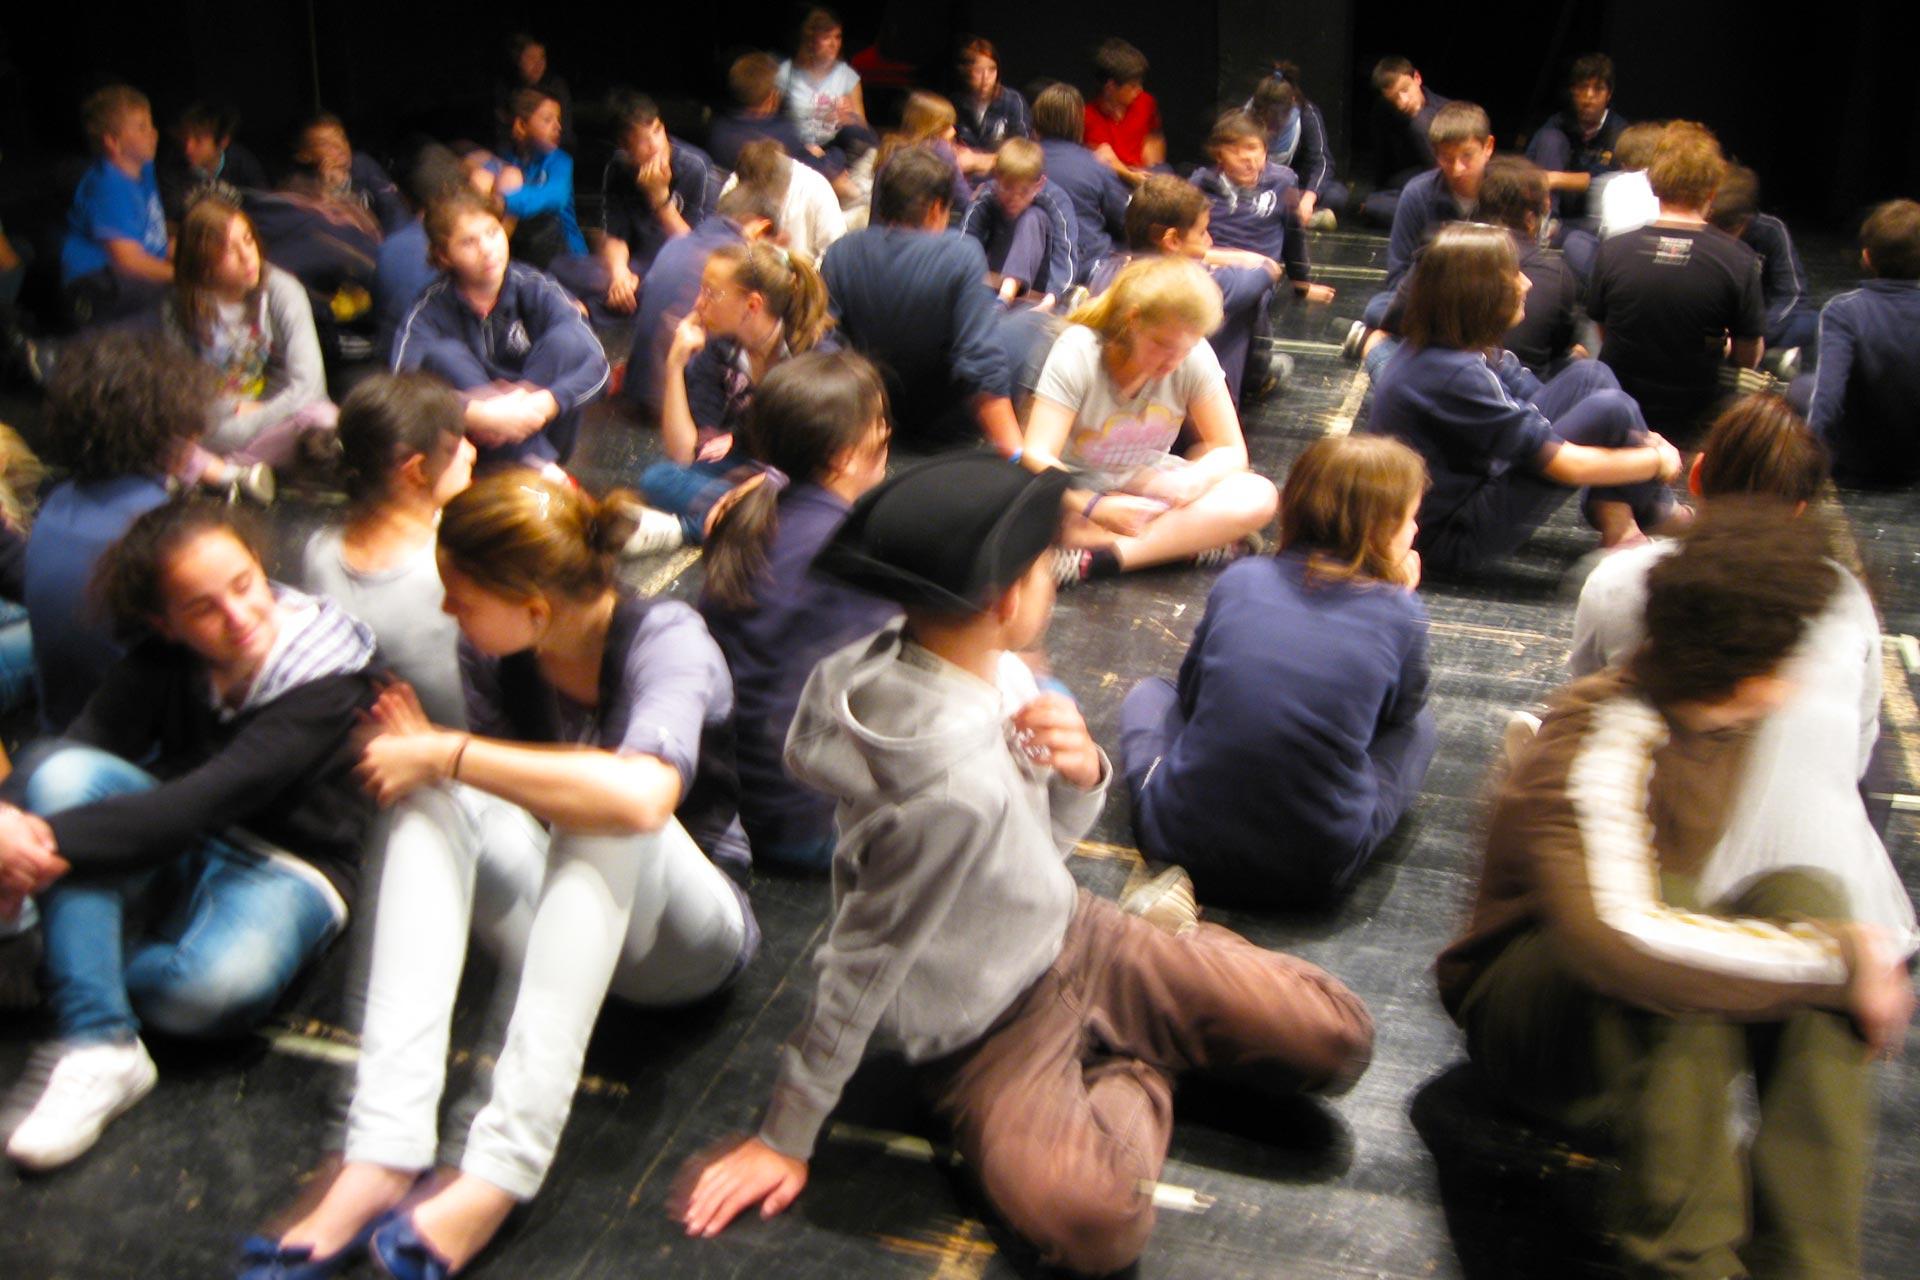 teatro-fontana-spettacoli-prosa-rassegna-scuole-42